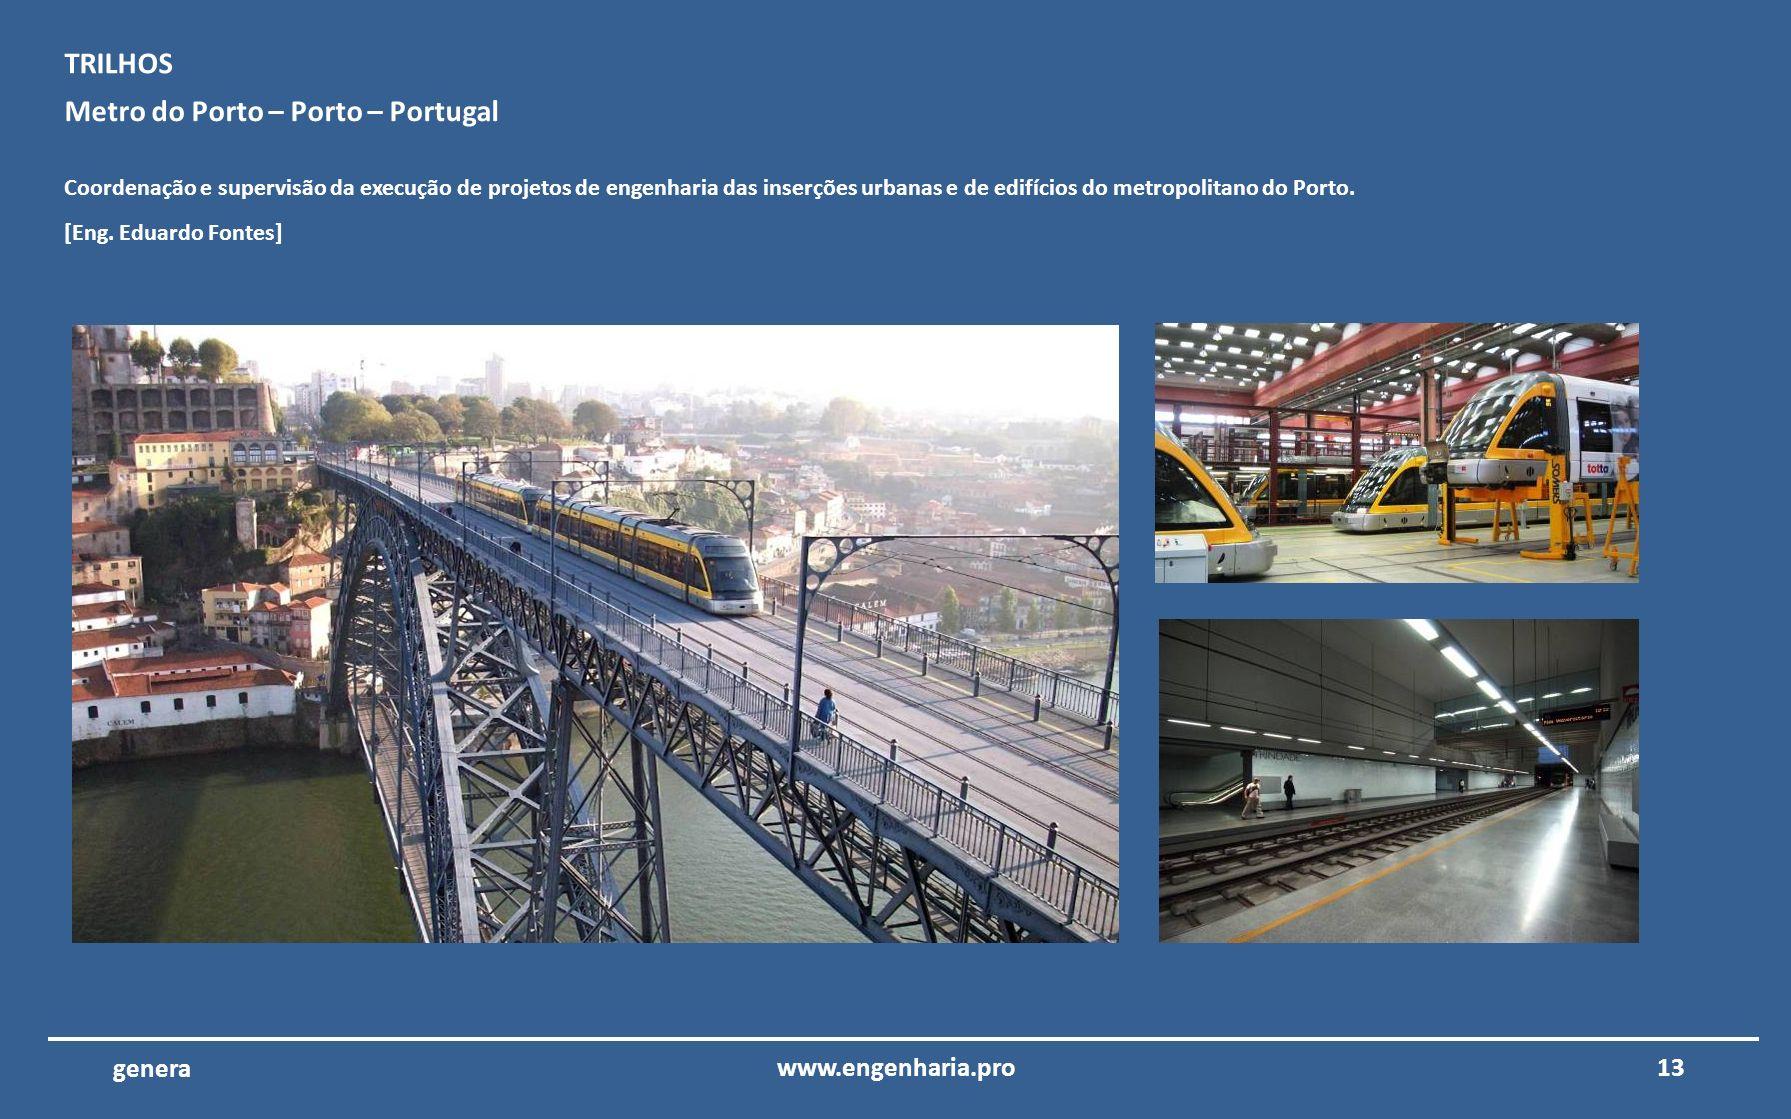 12www.engenharia.pro genera Metro do Porto – Porto – Portugal Coordenação e supervisão da execução de projetos de engenharia do edifícios de operações